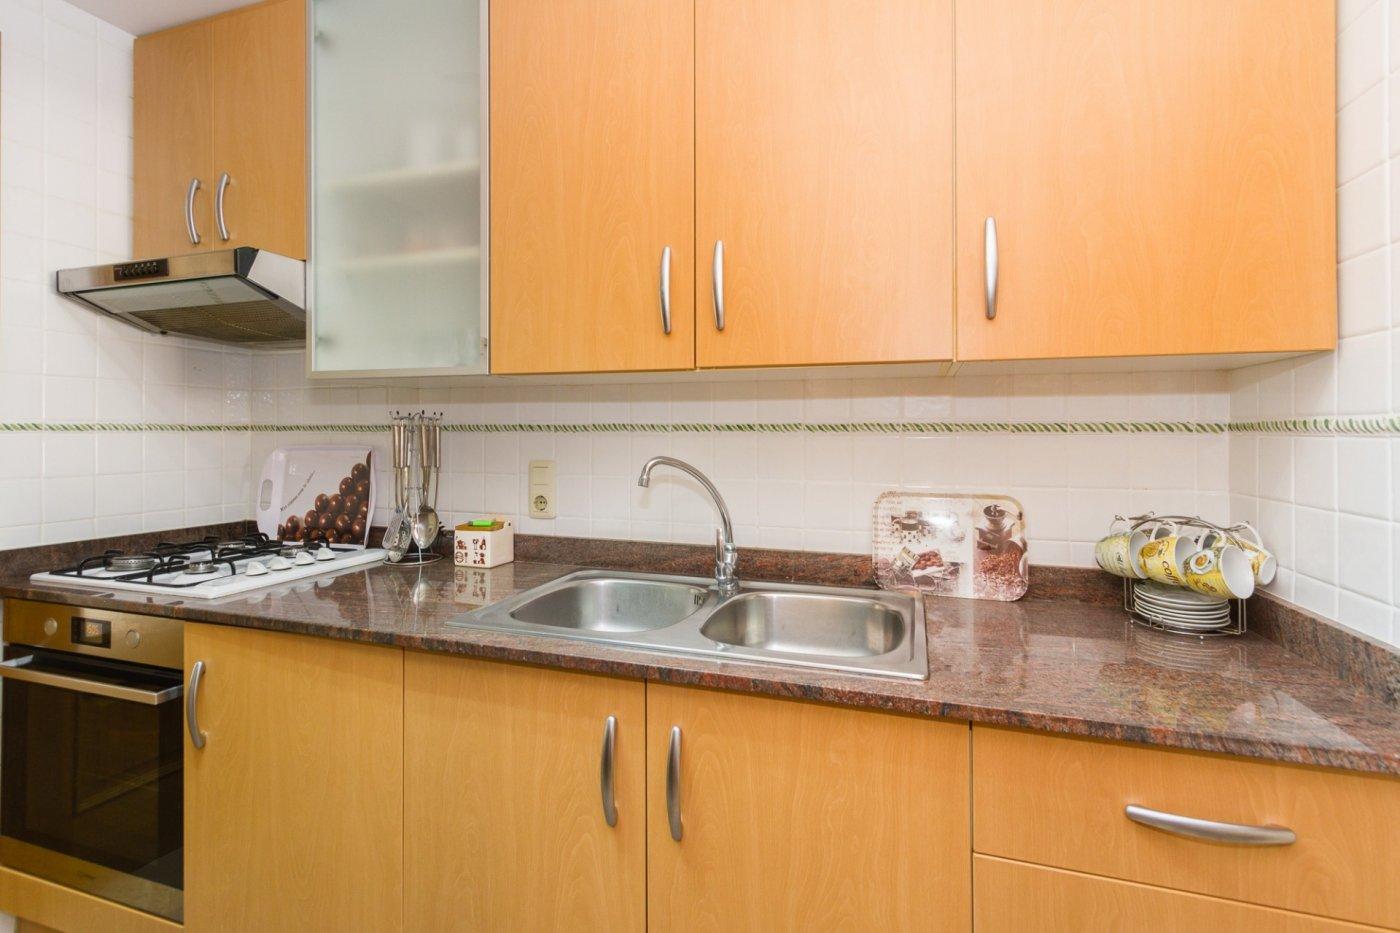 Venta de apartamento en xeraco - imagenInmueble10